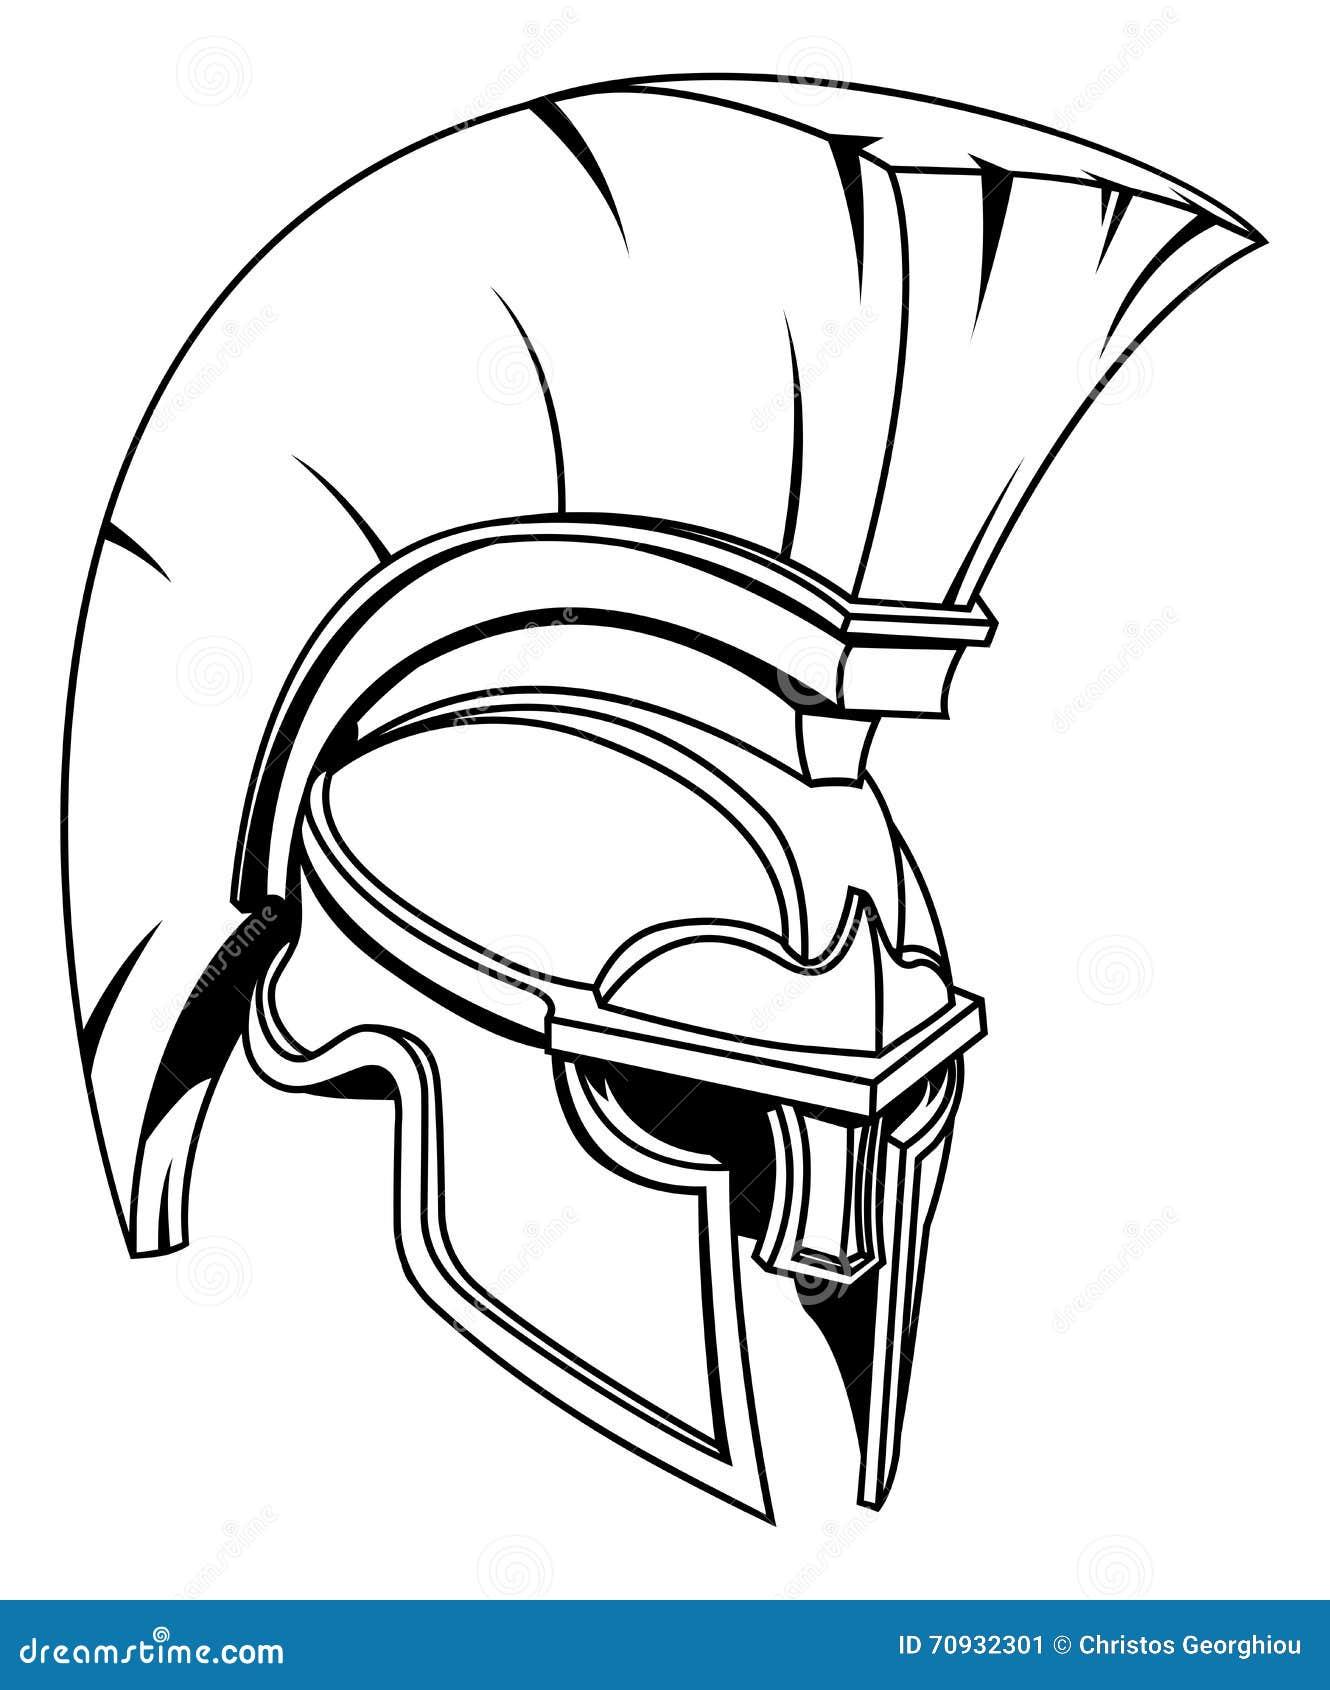 Spartan helmet tattoos